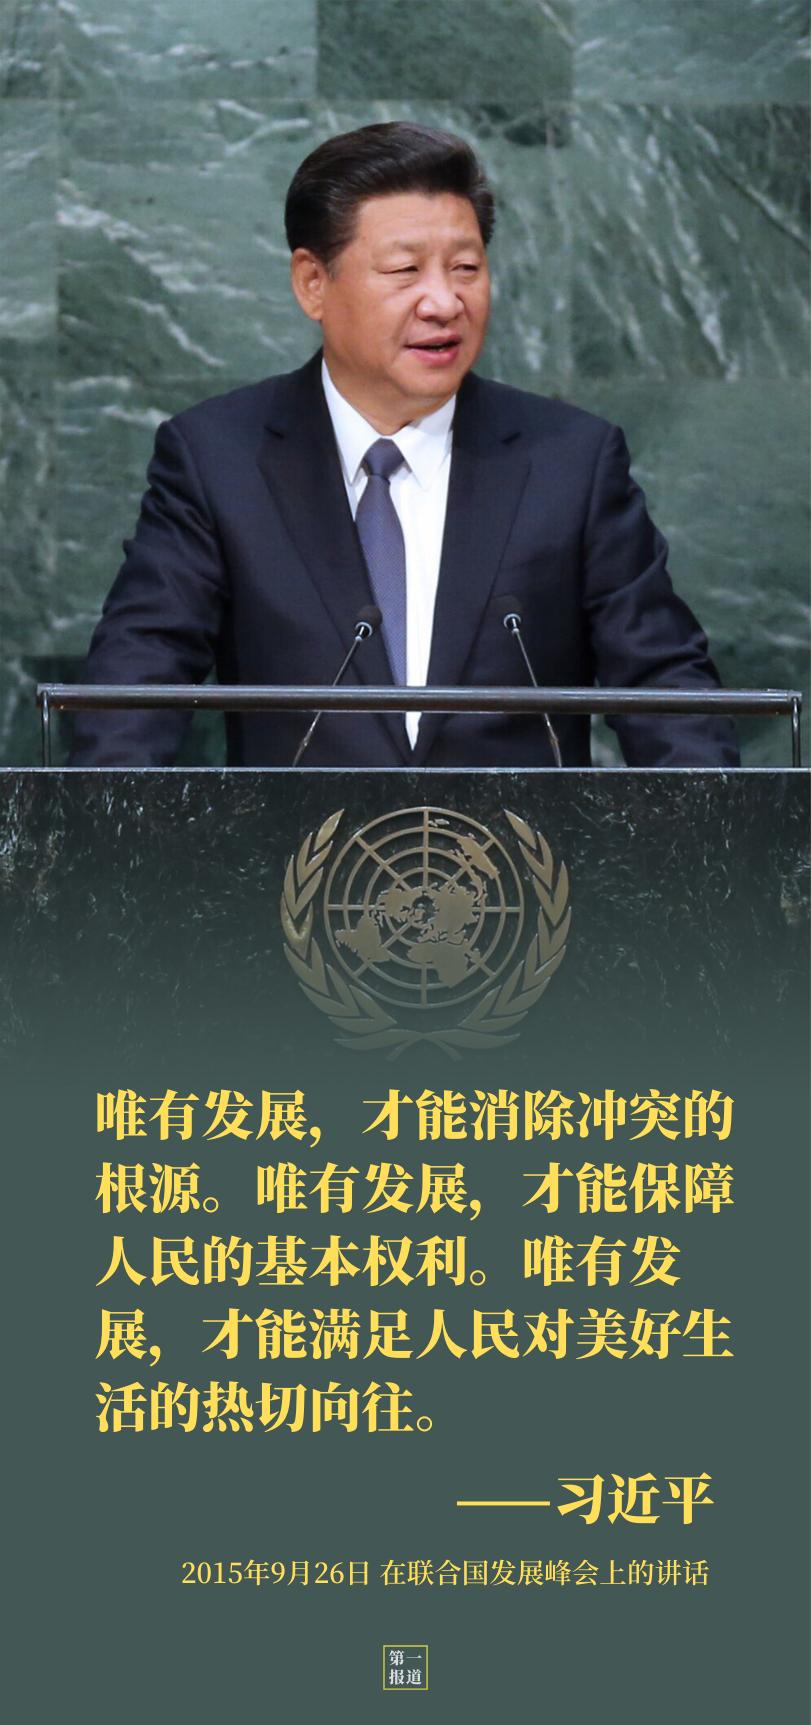 """重温5年前习近平的""""联合国时间""""图片"""